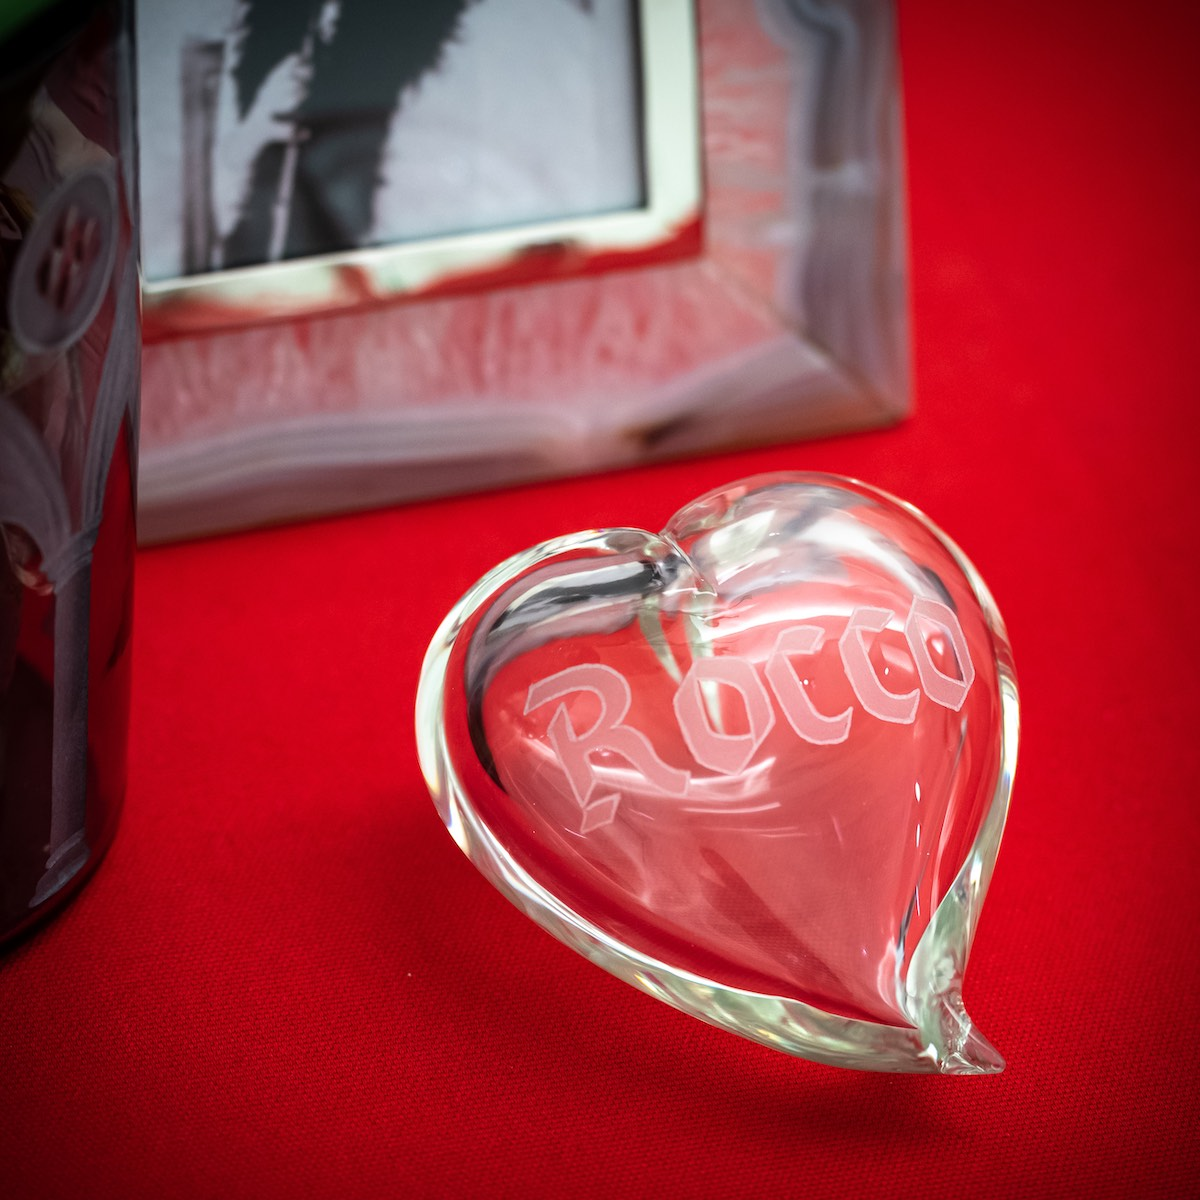 cuore-cristallo-amore-heart-engraving-personalization